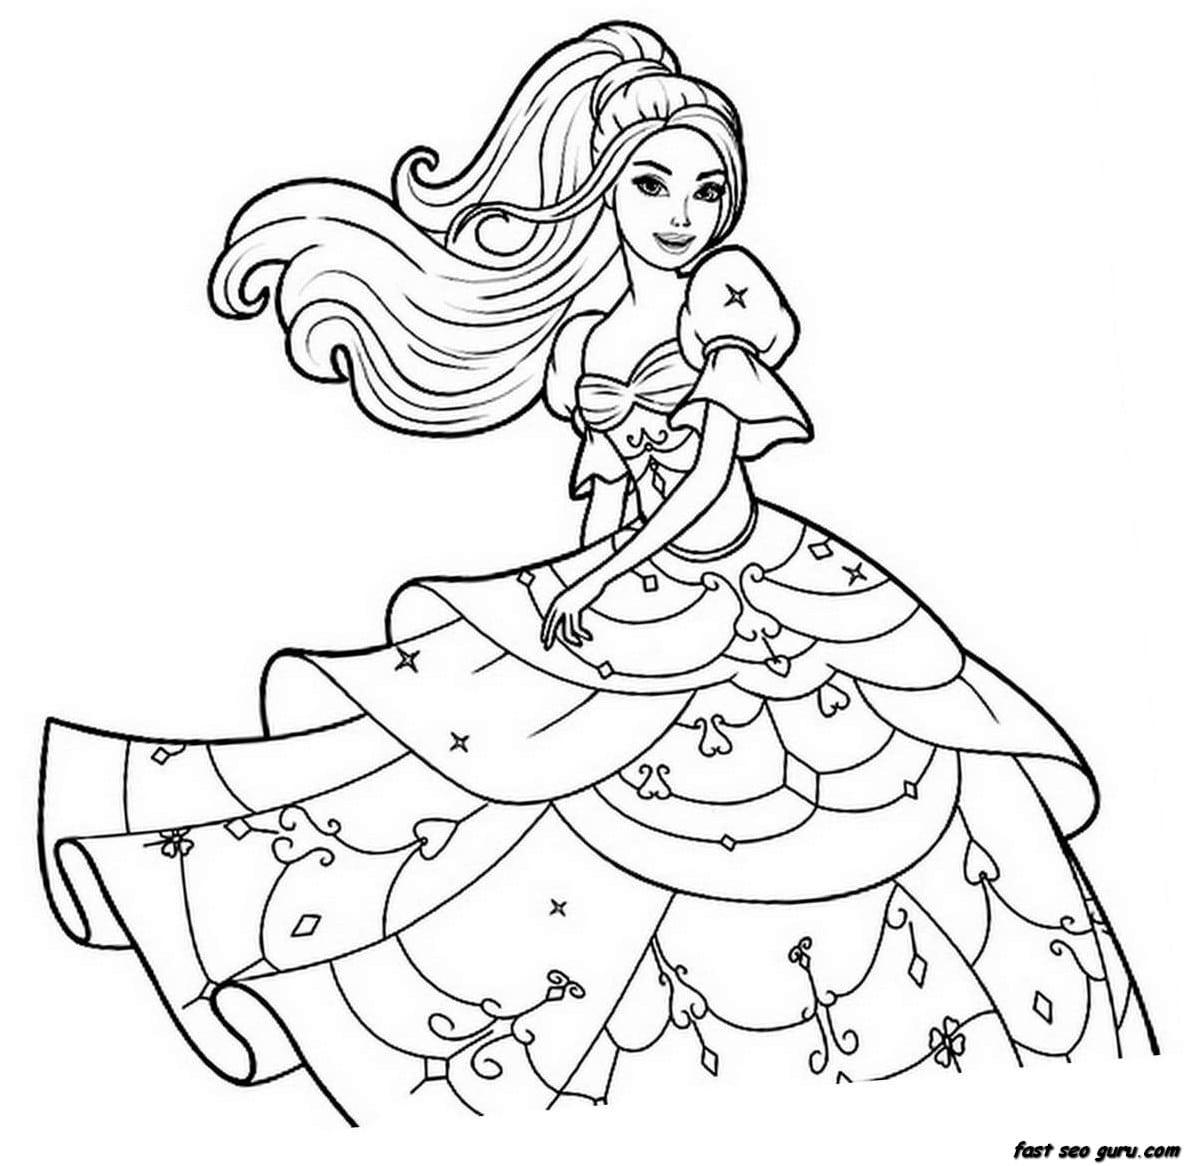 Desenhos Para Colorir Pintar E Imprimir Da Barbie